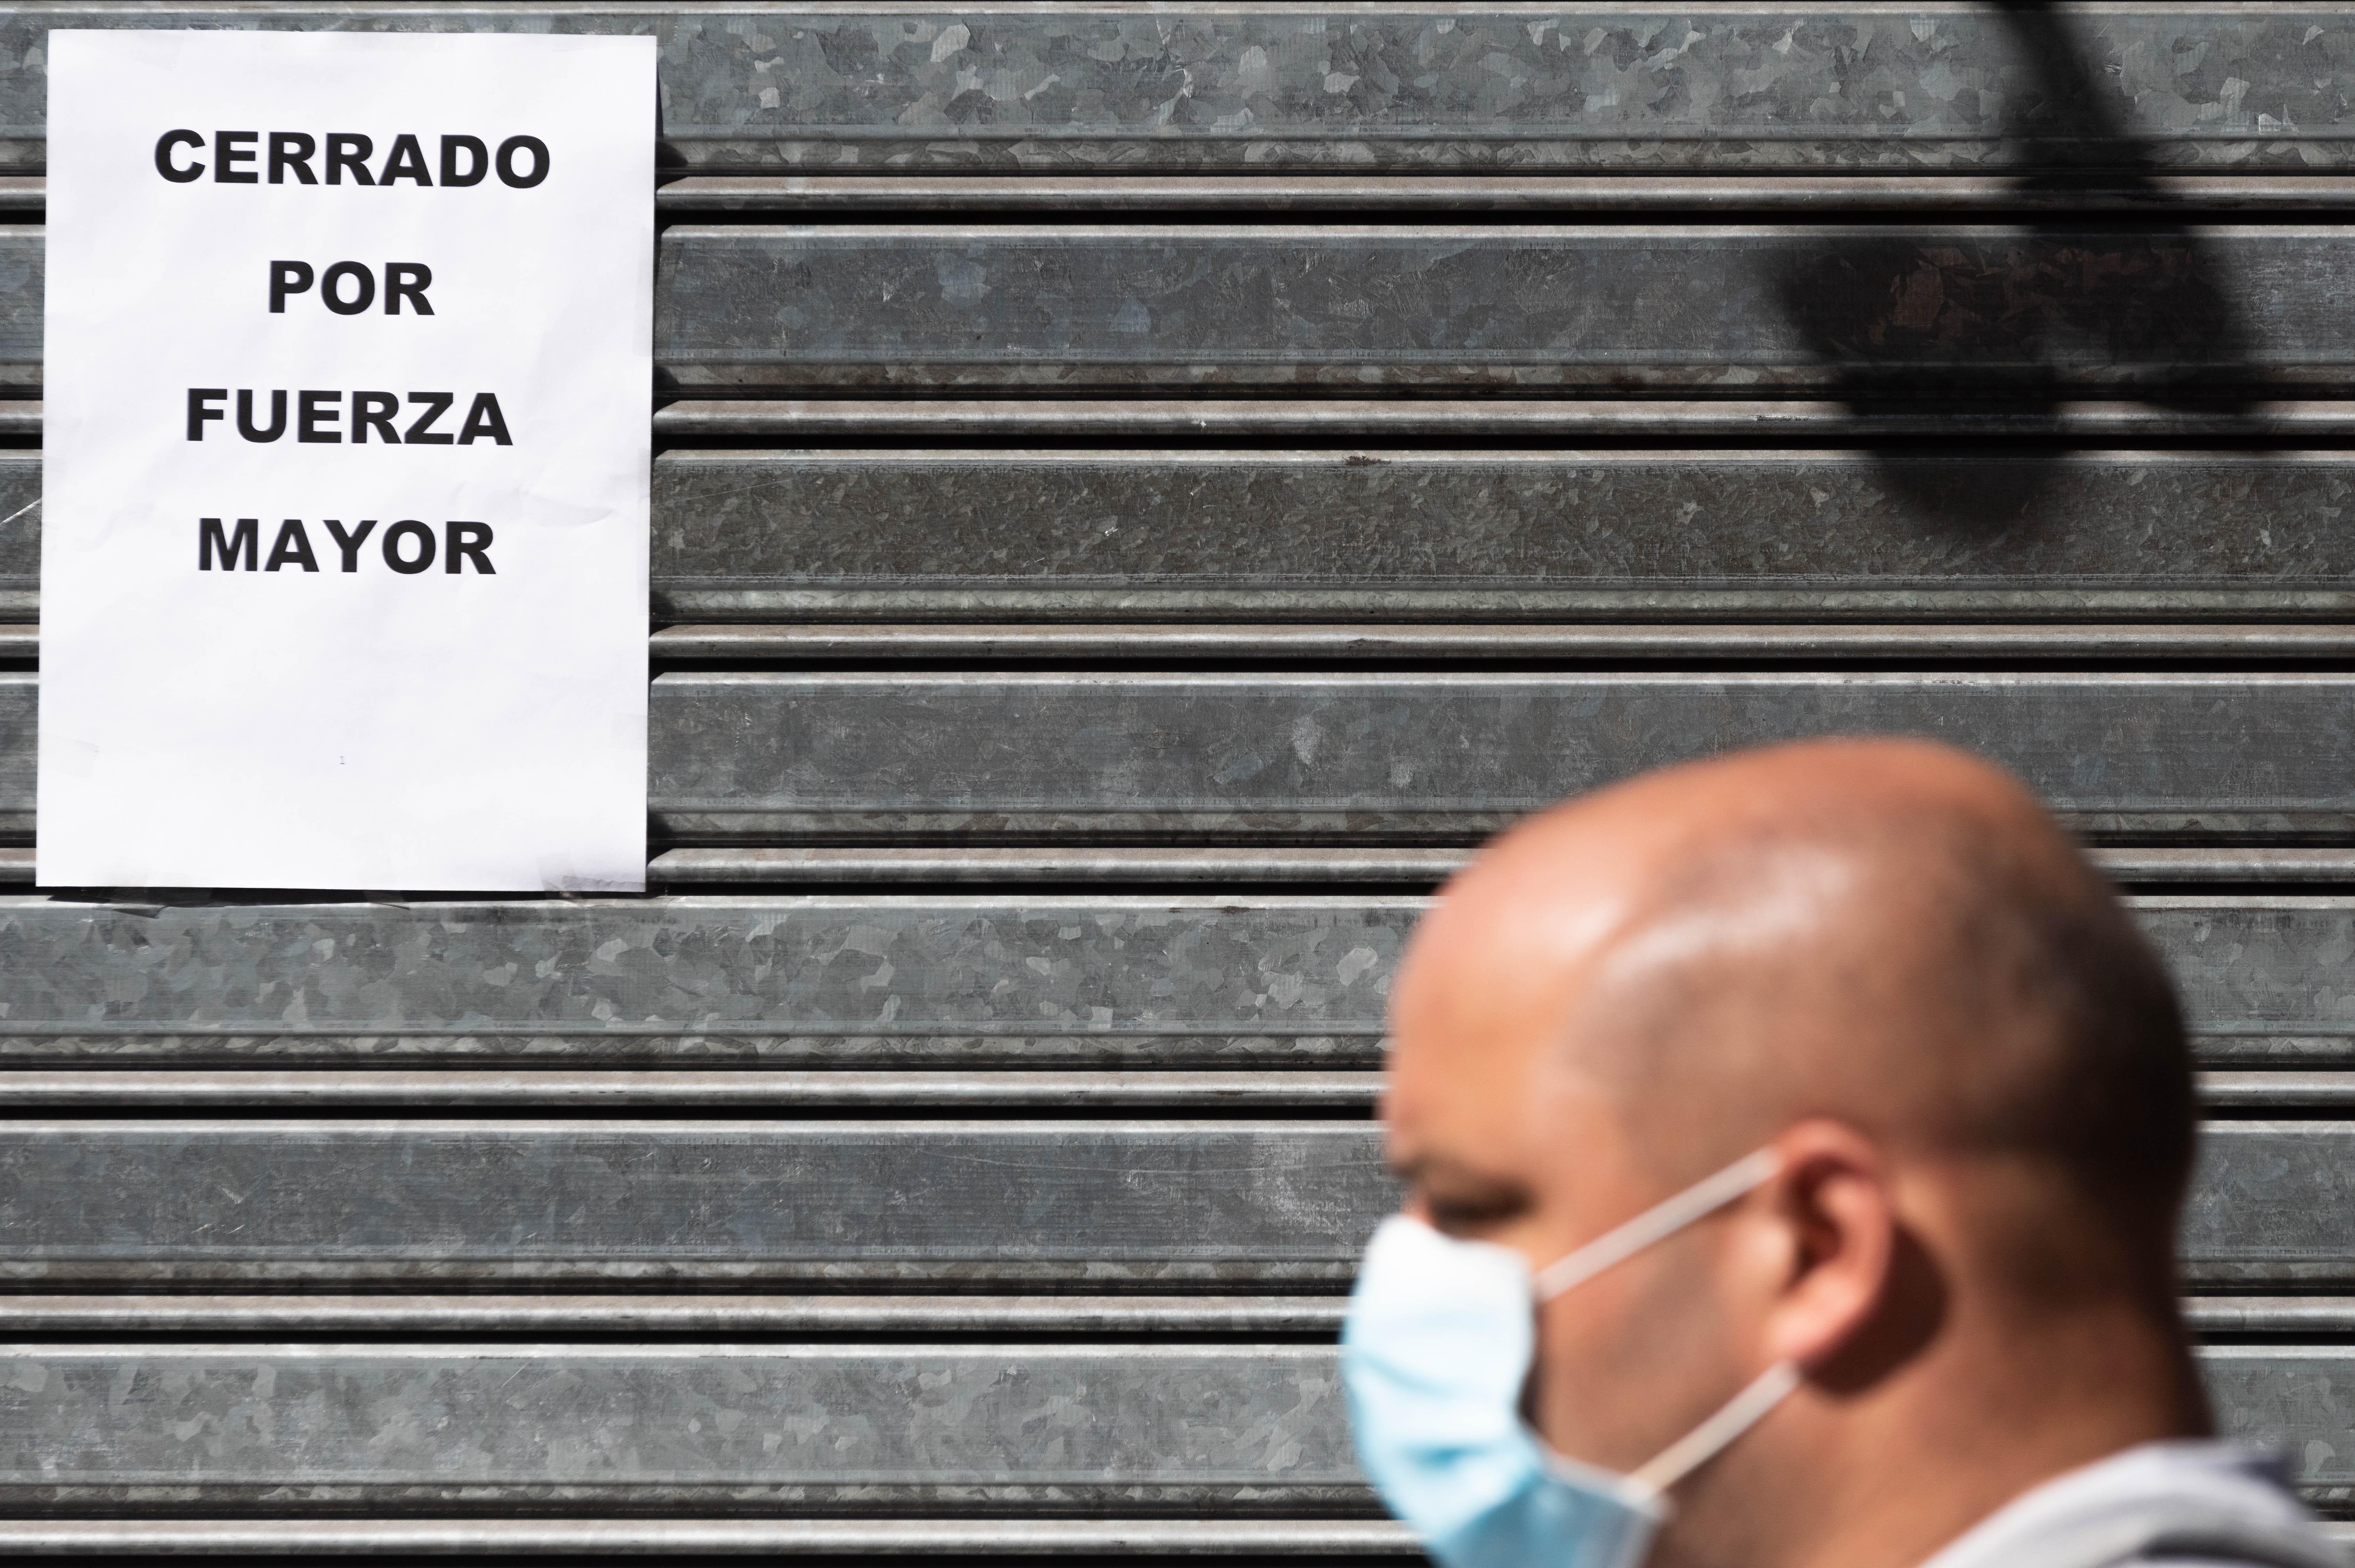 Gente con barbijos y persianas bajas, el nuevo paisaje de la Ciudad de Buenos Aires. Desde el miércoles 15 de abril, el uso de tapabocas en el ámbito porteño es obligatorio en comercios, en dependencias de atención al público públicas o privadas, y en el transporte público.